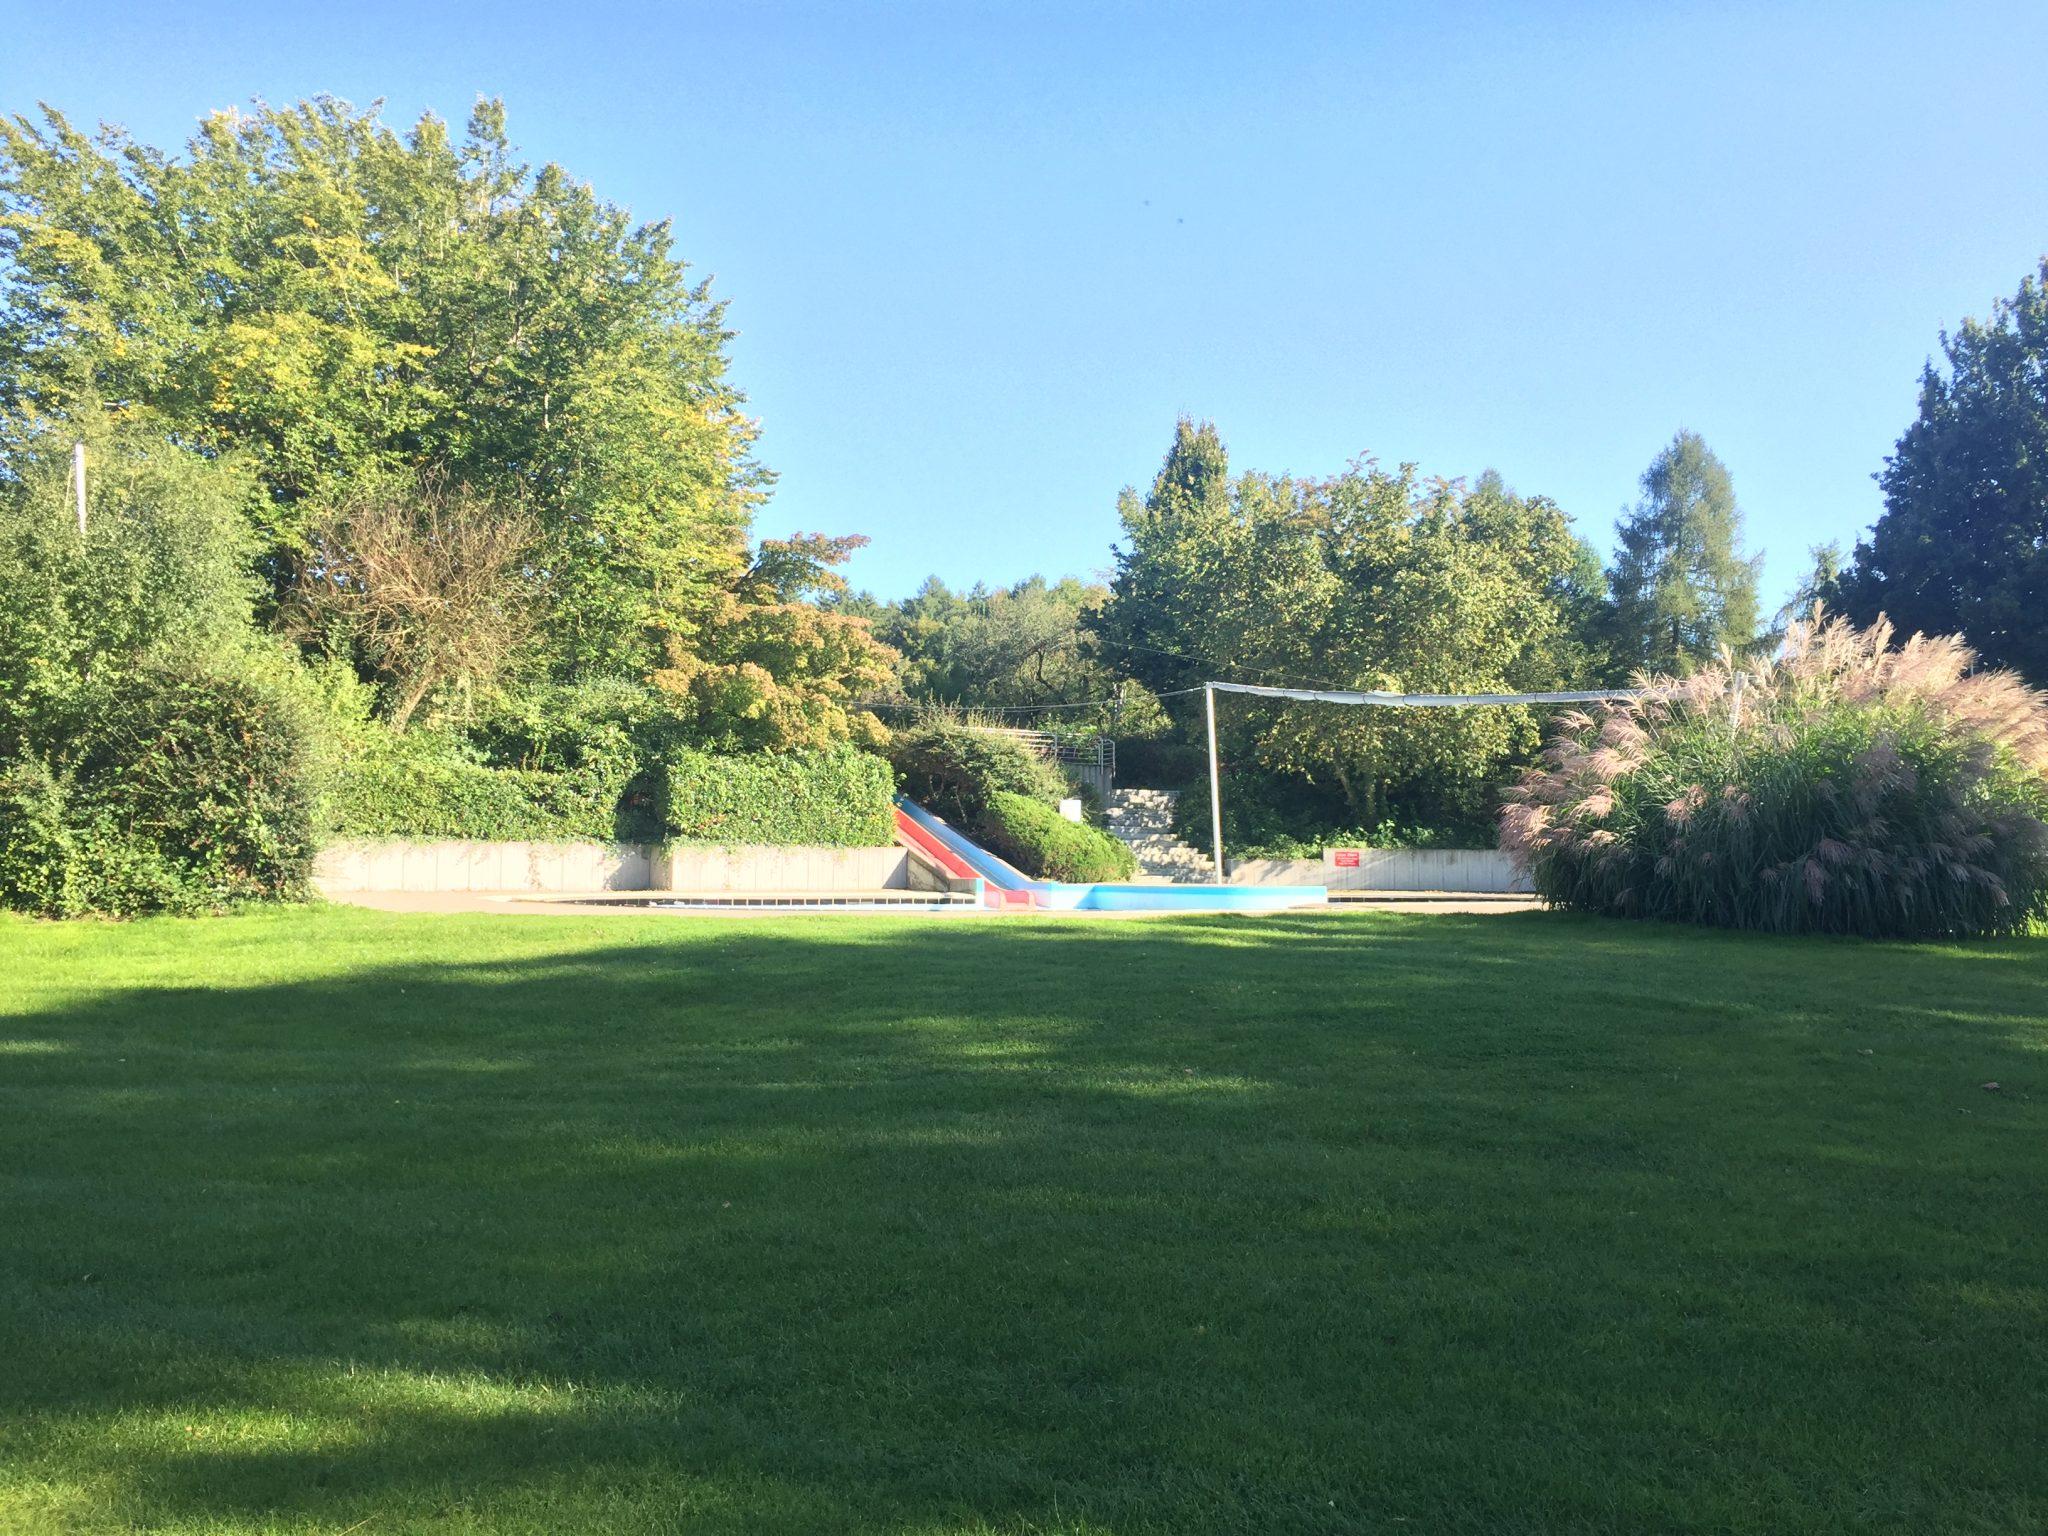 Freibad Weingarten